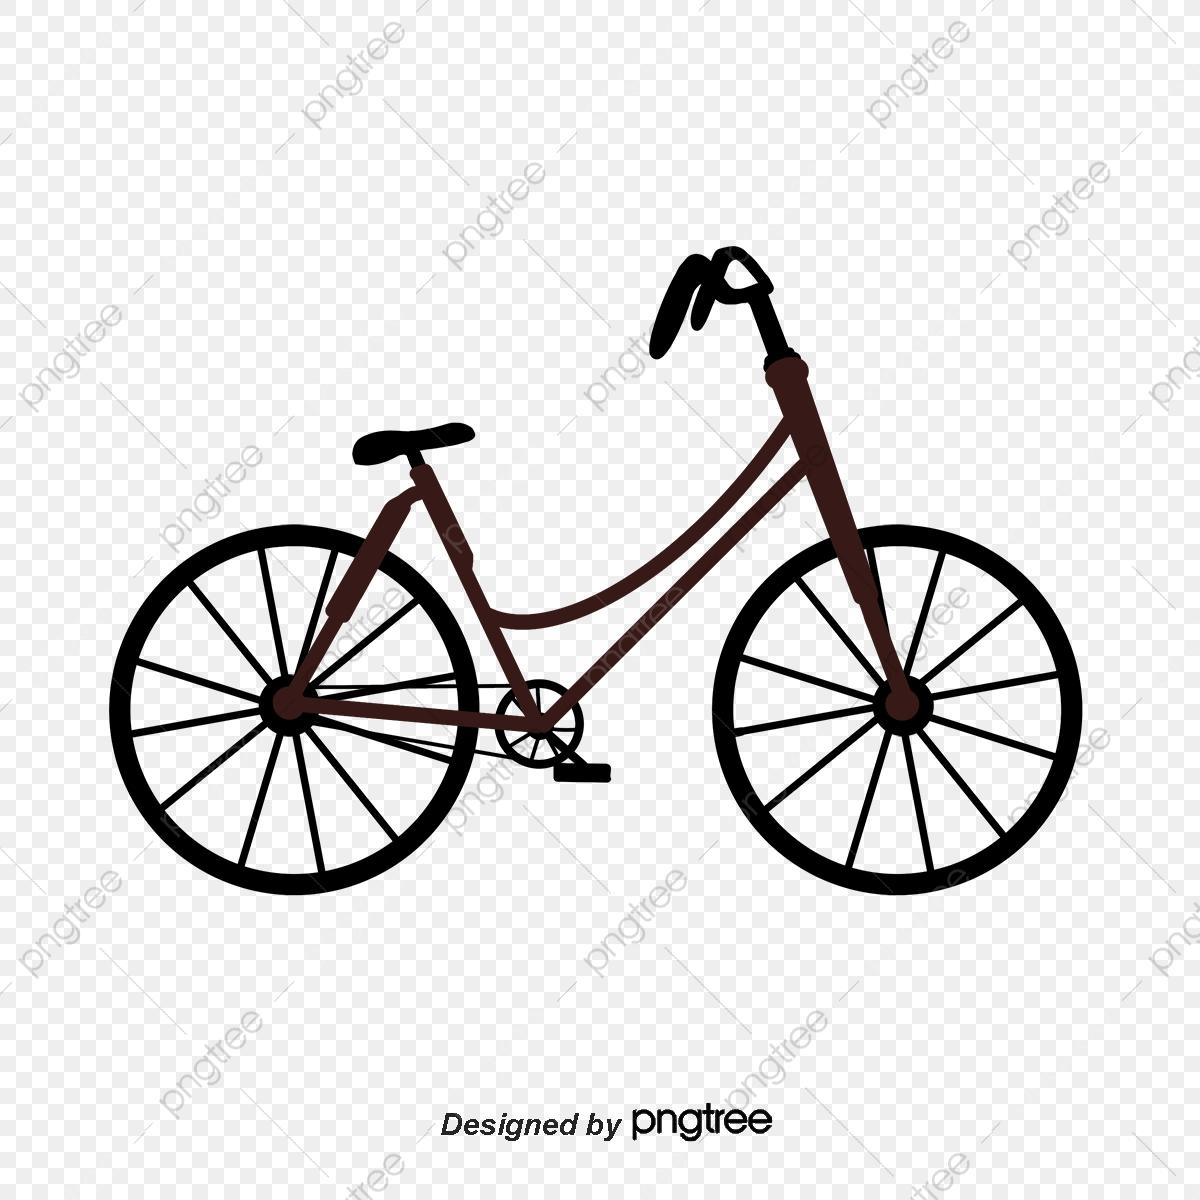 Desenho De Bicicleta De Montanha, Desenho De Bicicleta De Montanha.